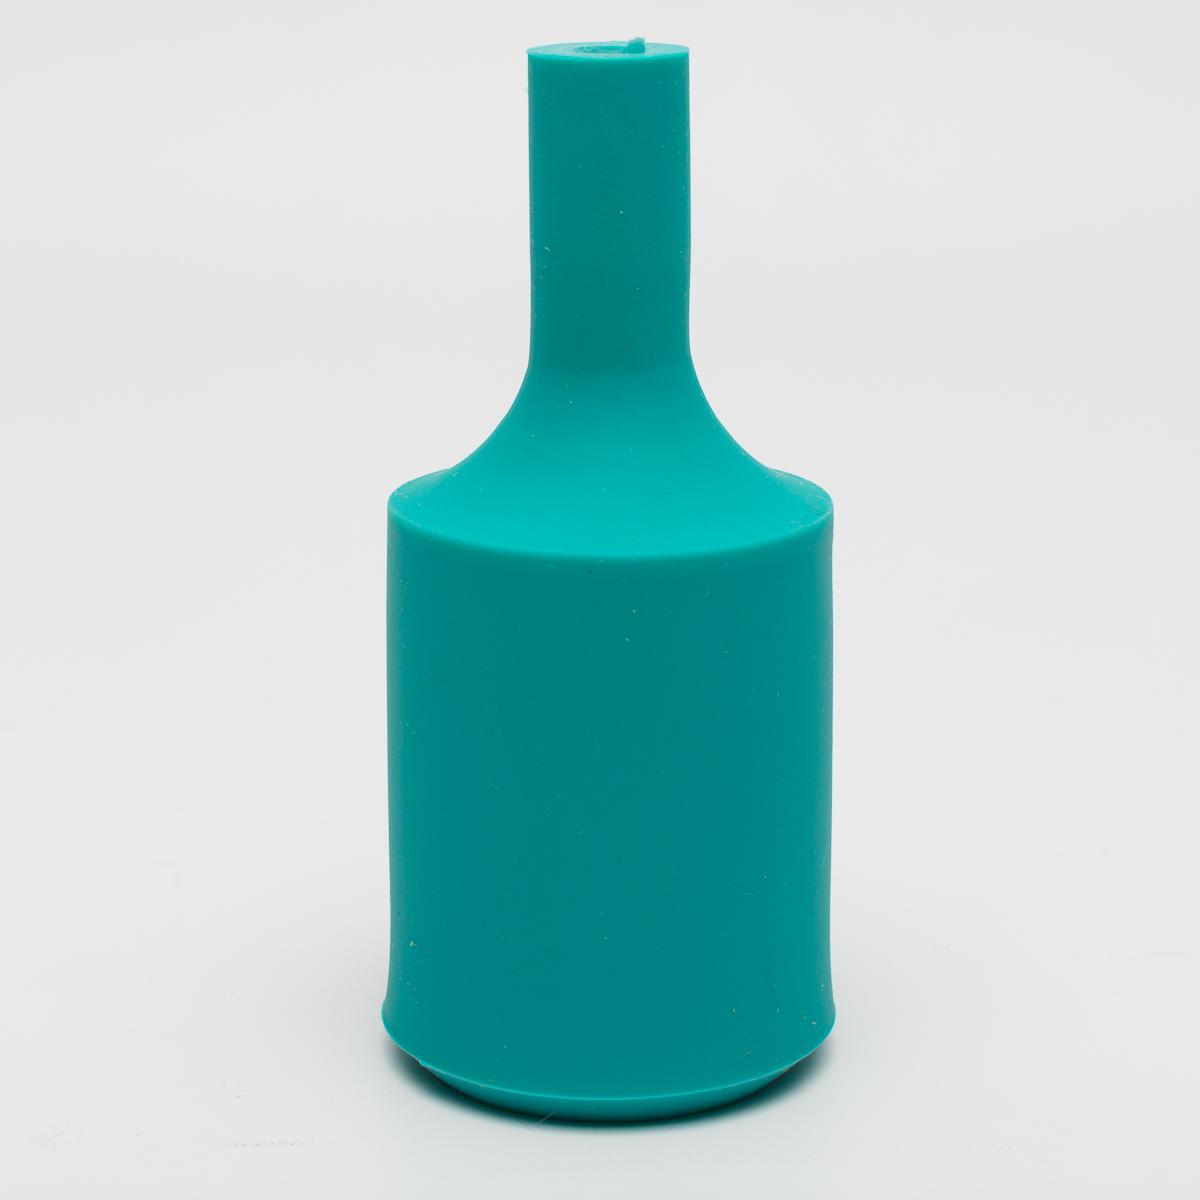 Патрон с силиконовой накладкой бирюзовый